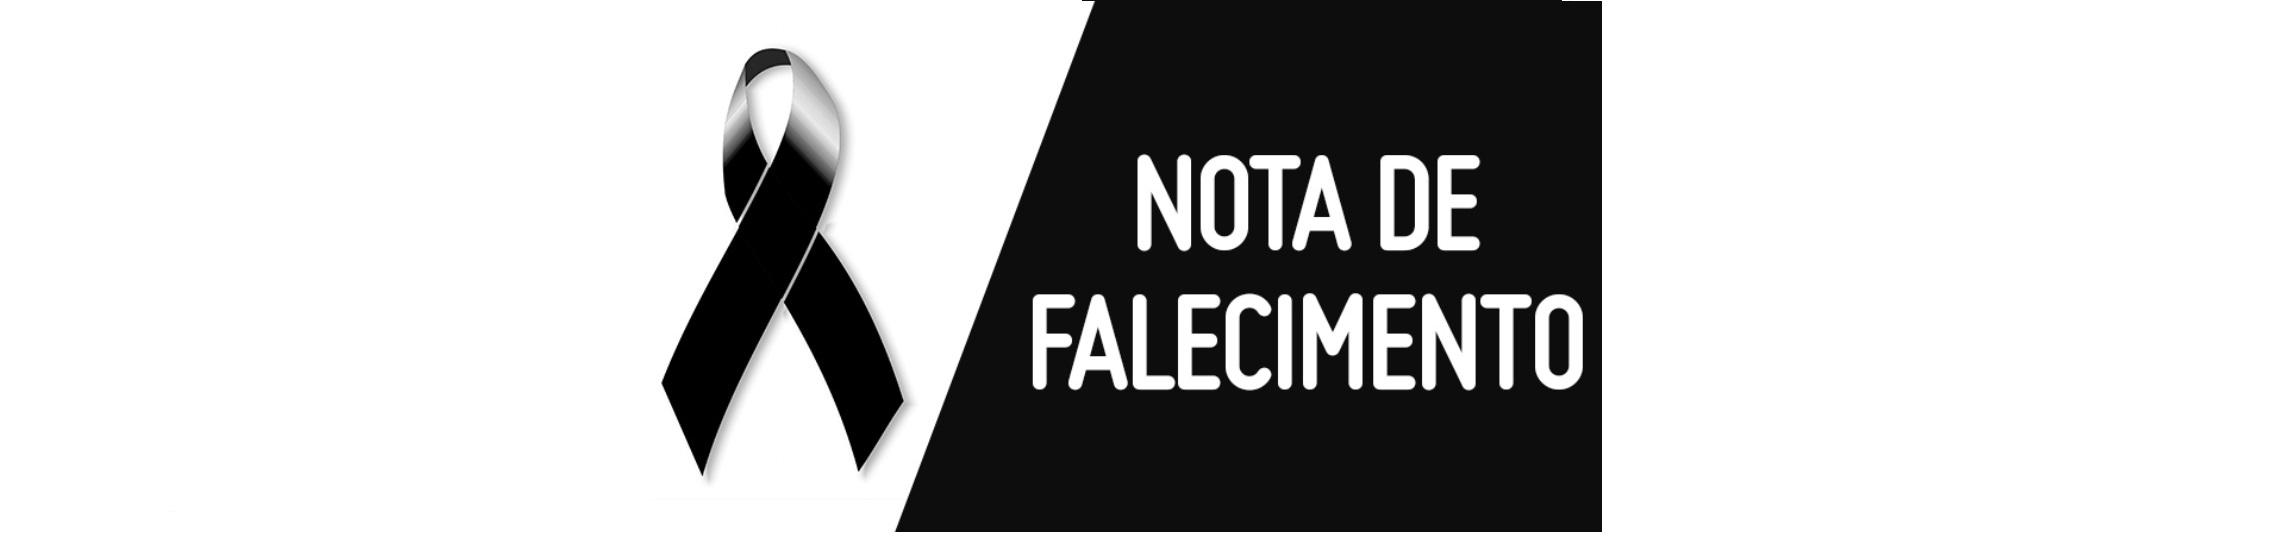 NOTA DE FALECIMENTO